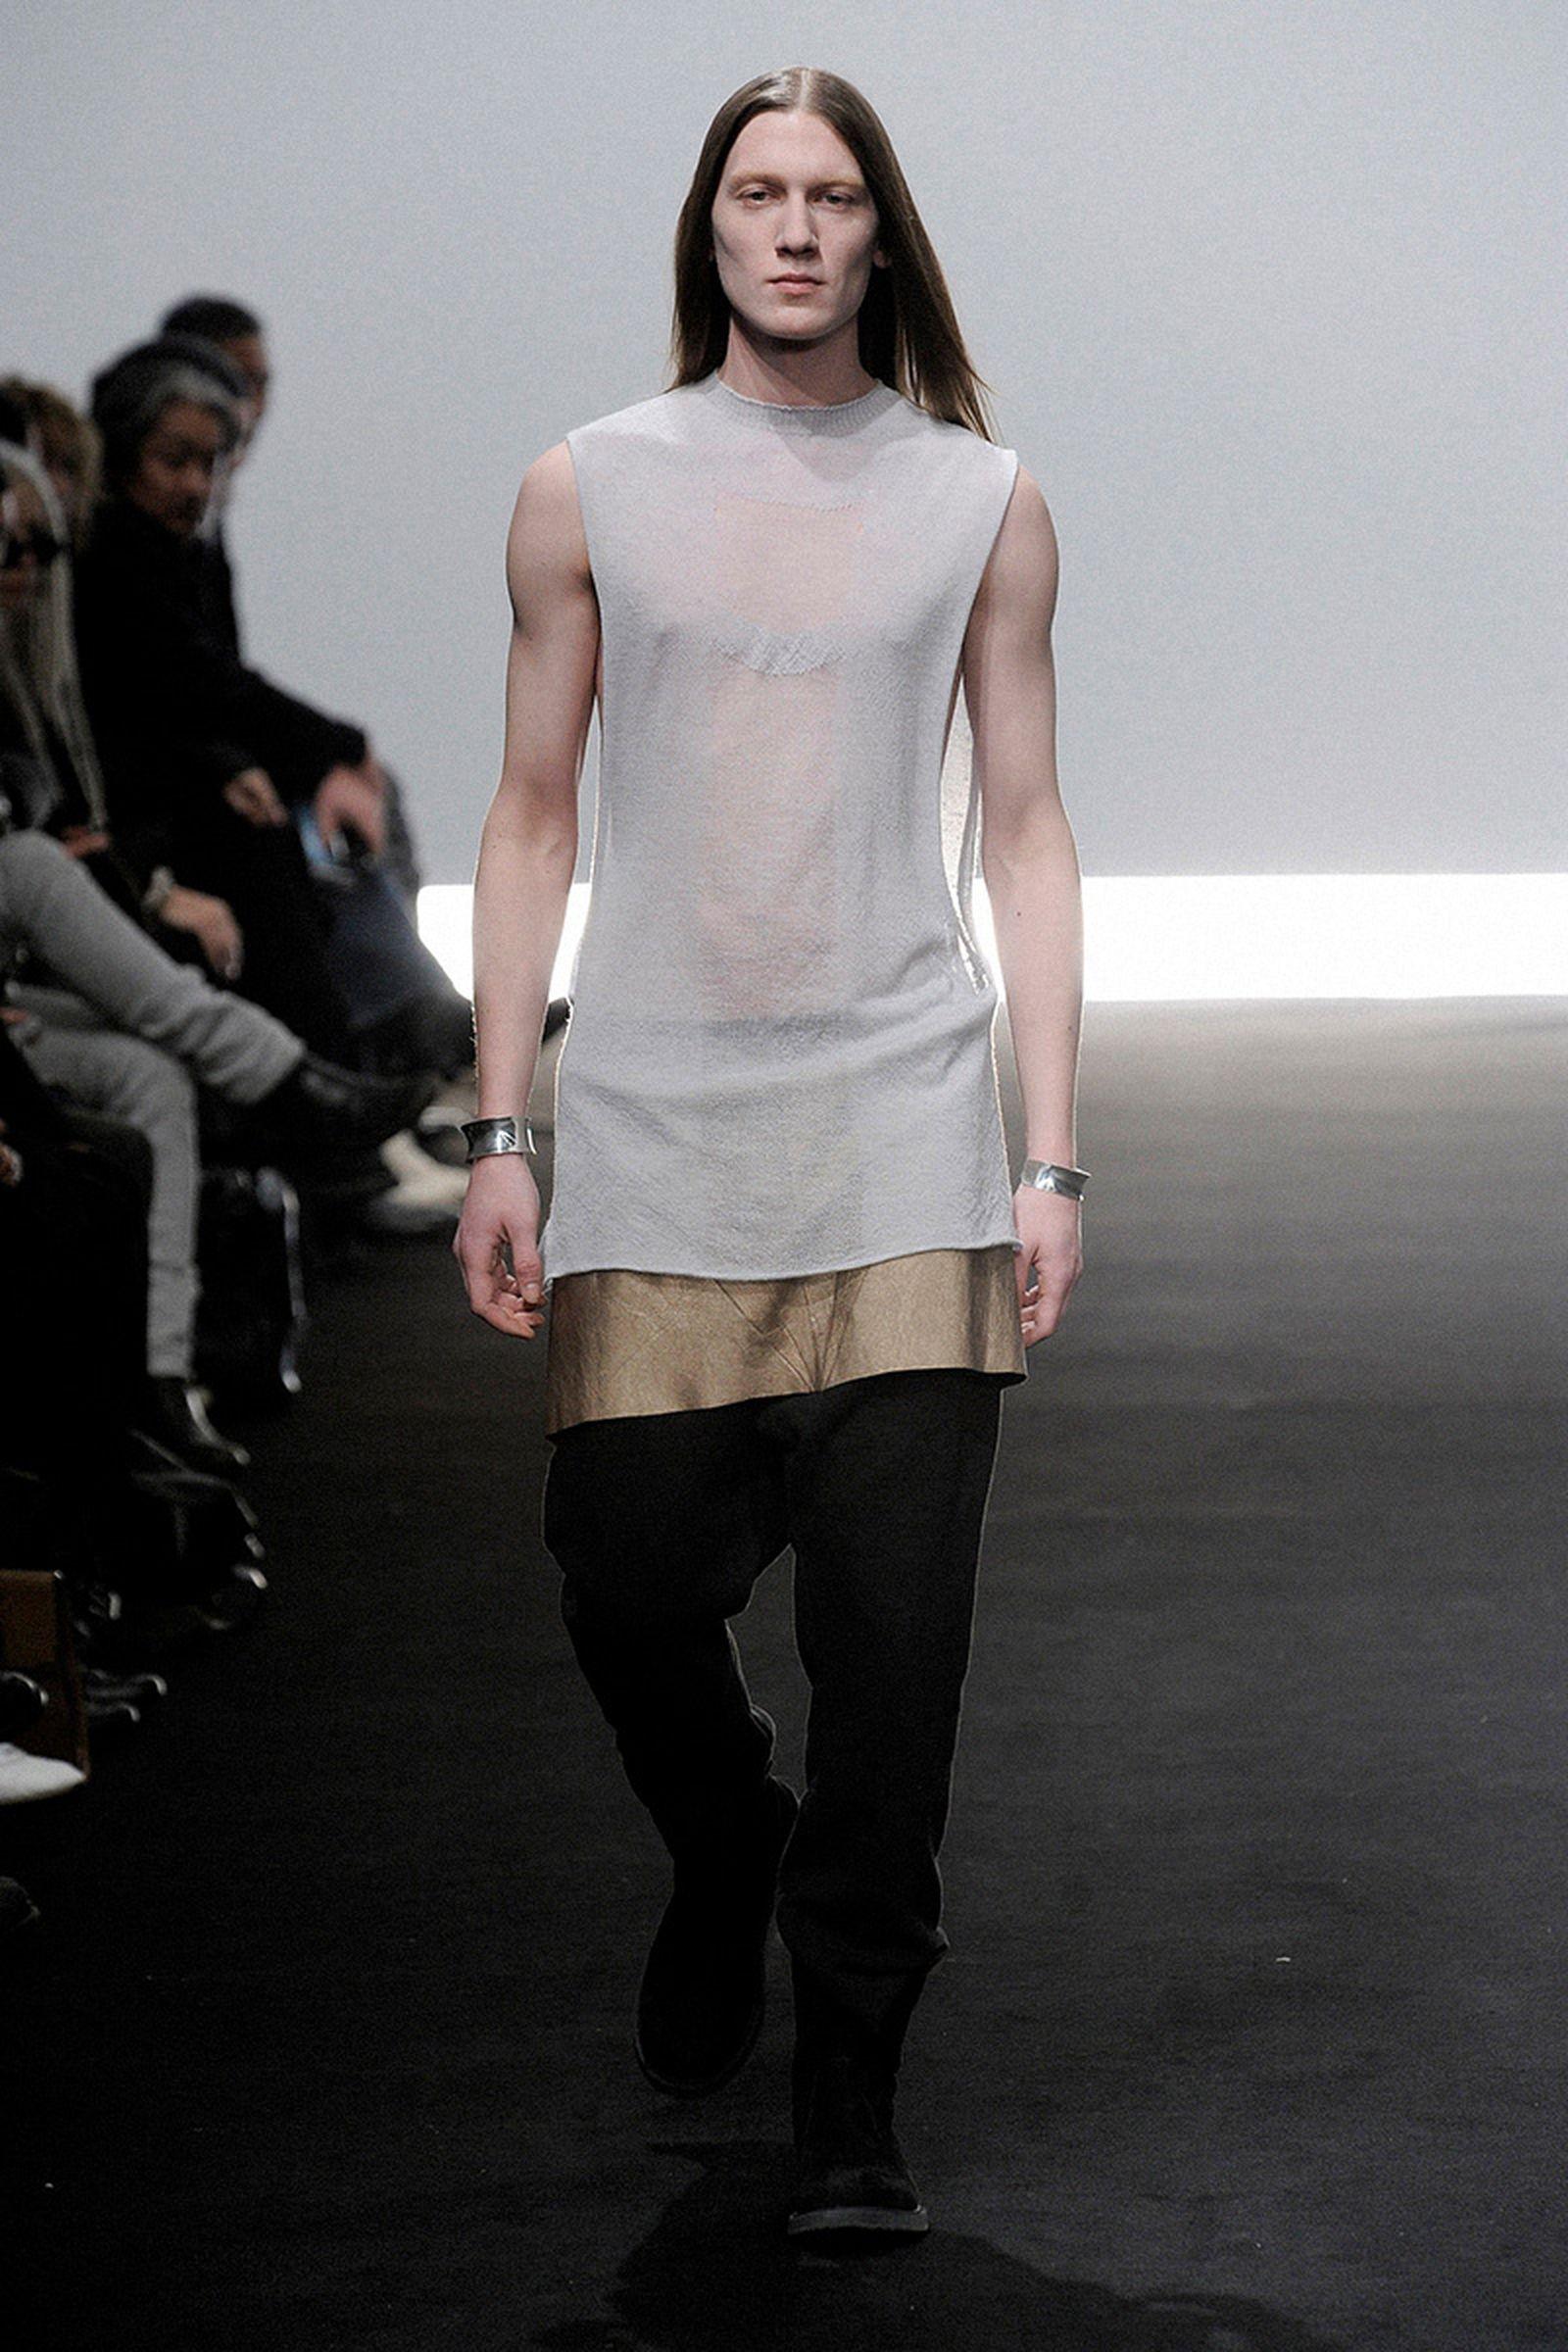 the-12-fashion-shows-that-changed-mens-fashion-rick-owens-012